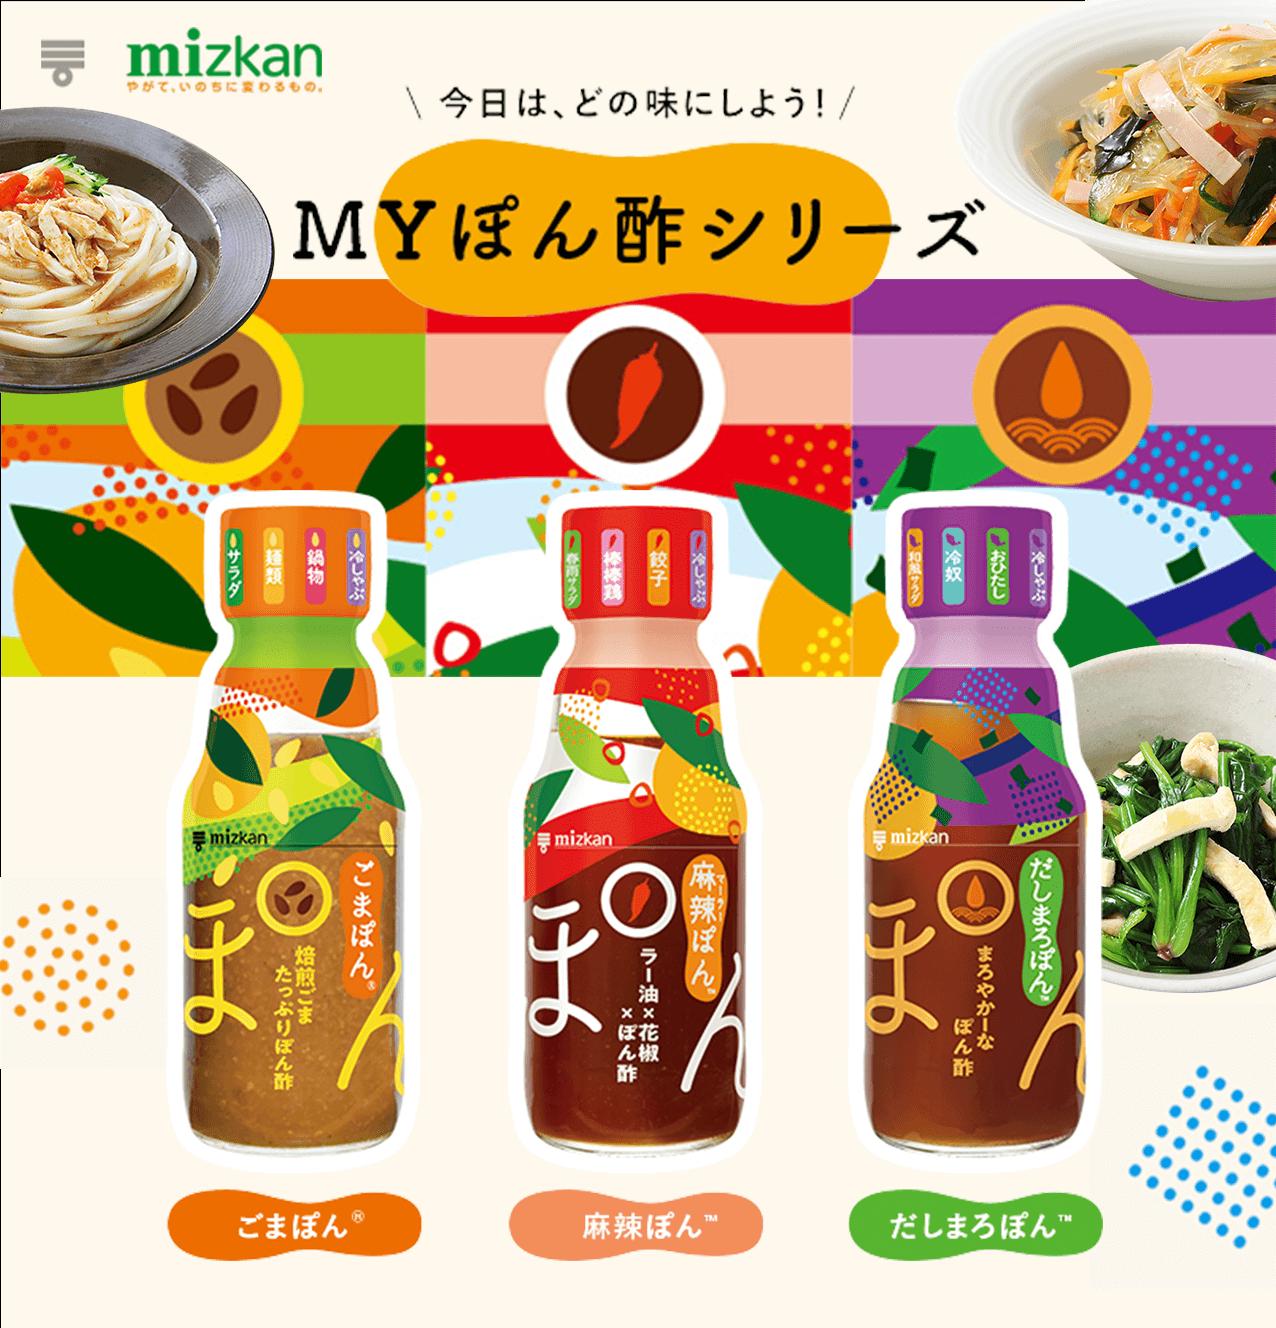 今日は、どの味にしよう!Myポン酢シリーズごまぽん、麻辣ぽん、だしまろぽん